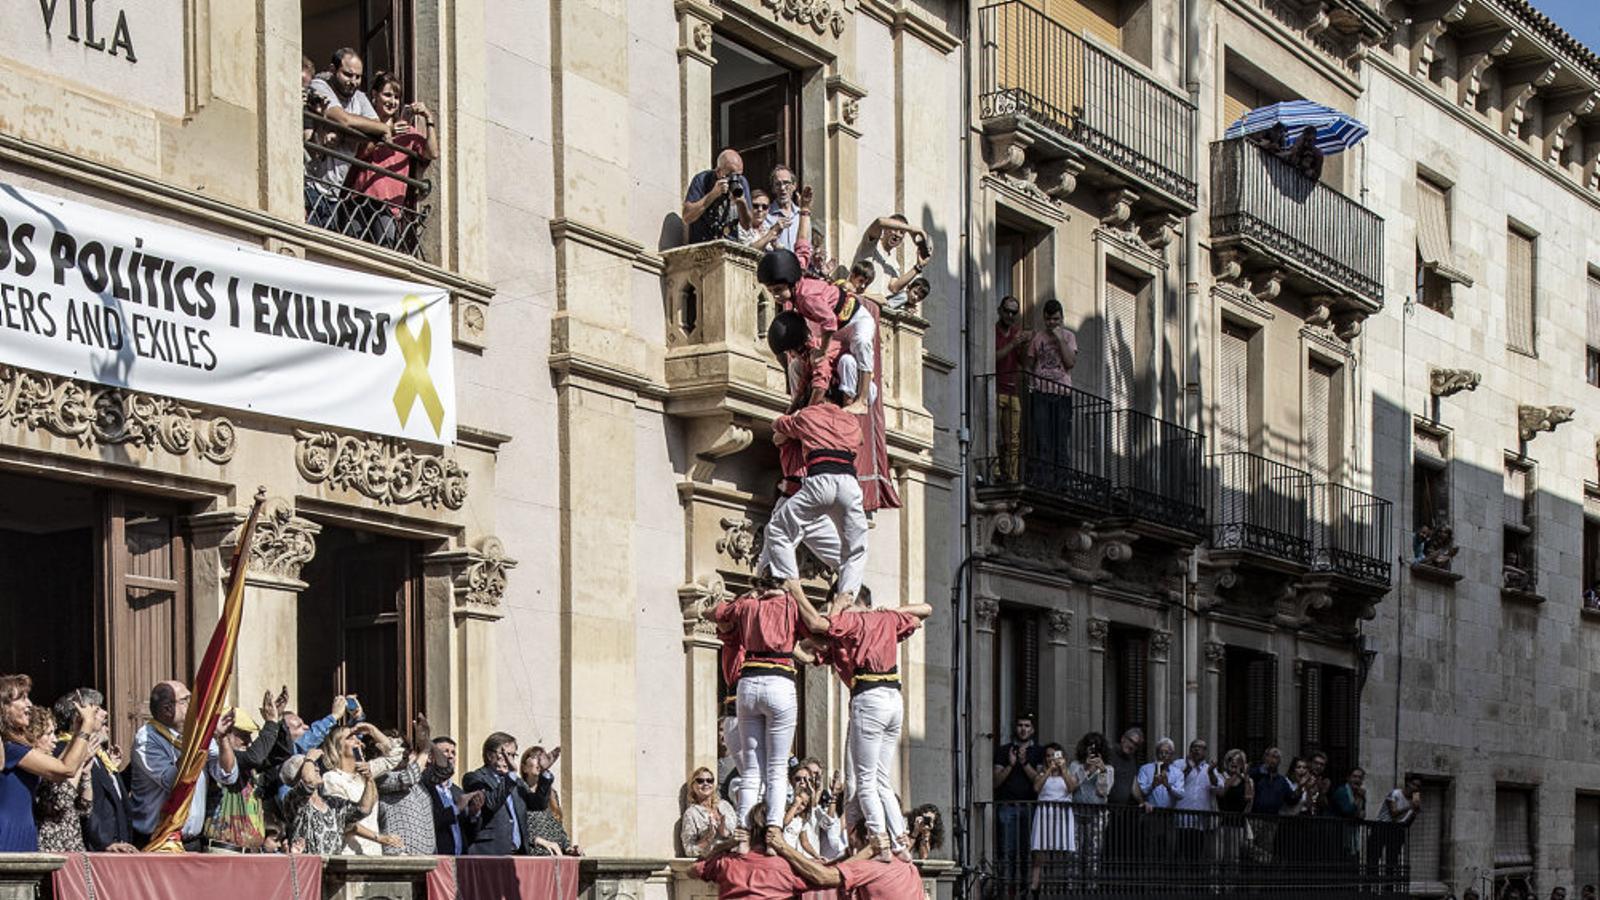 A la imatge de l'esquerra, la colla Joves de Valls executa un dos de vuit sense folre, i a la dreta, la Vella de Valls culmina un quatre de vuit sense folre, ahir a Santa Úrsula.